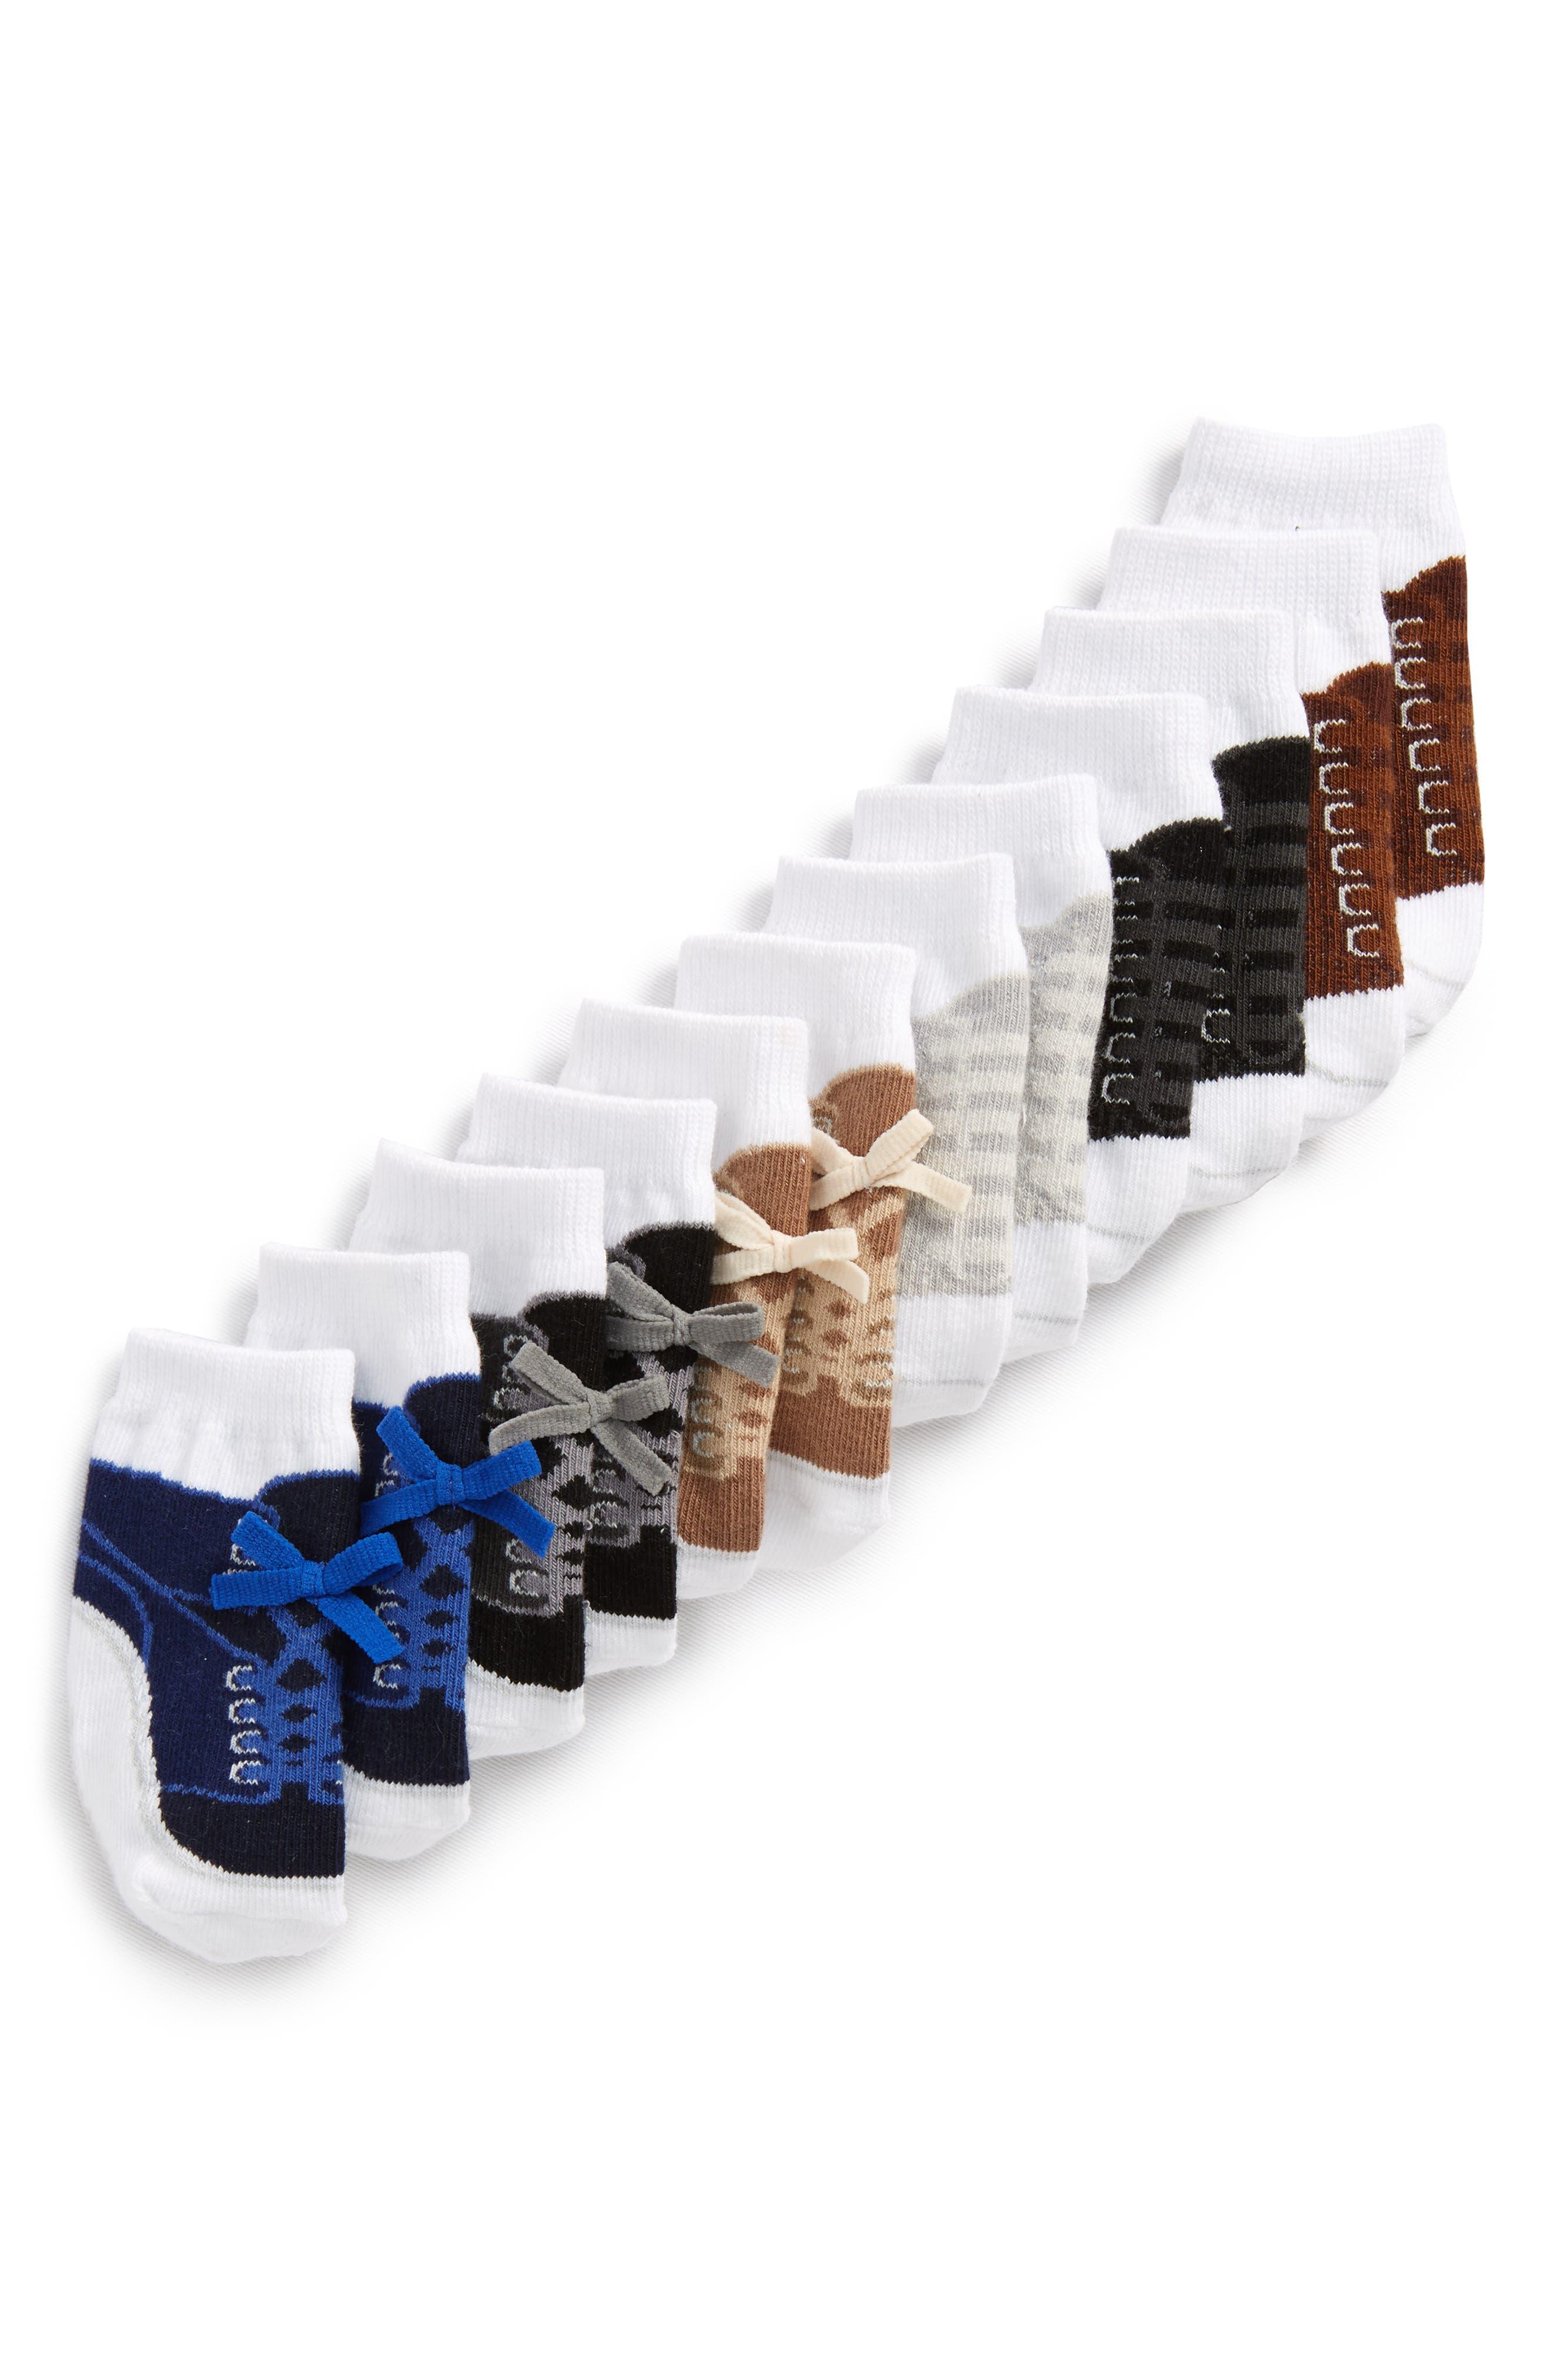 Brayden 6-Pack Socks,                             Alternate thumbnail 2, color,